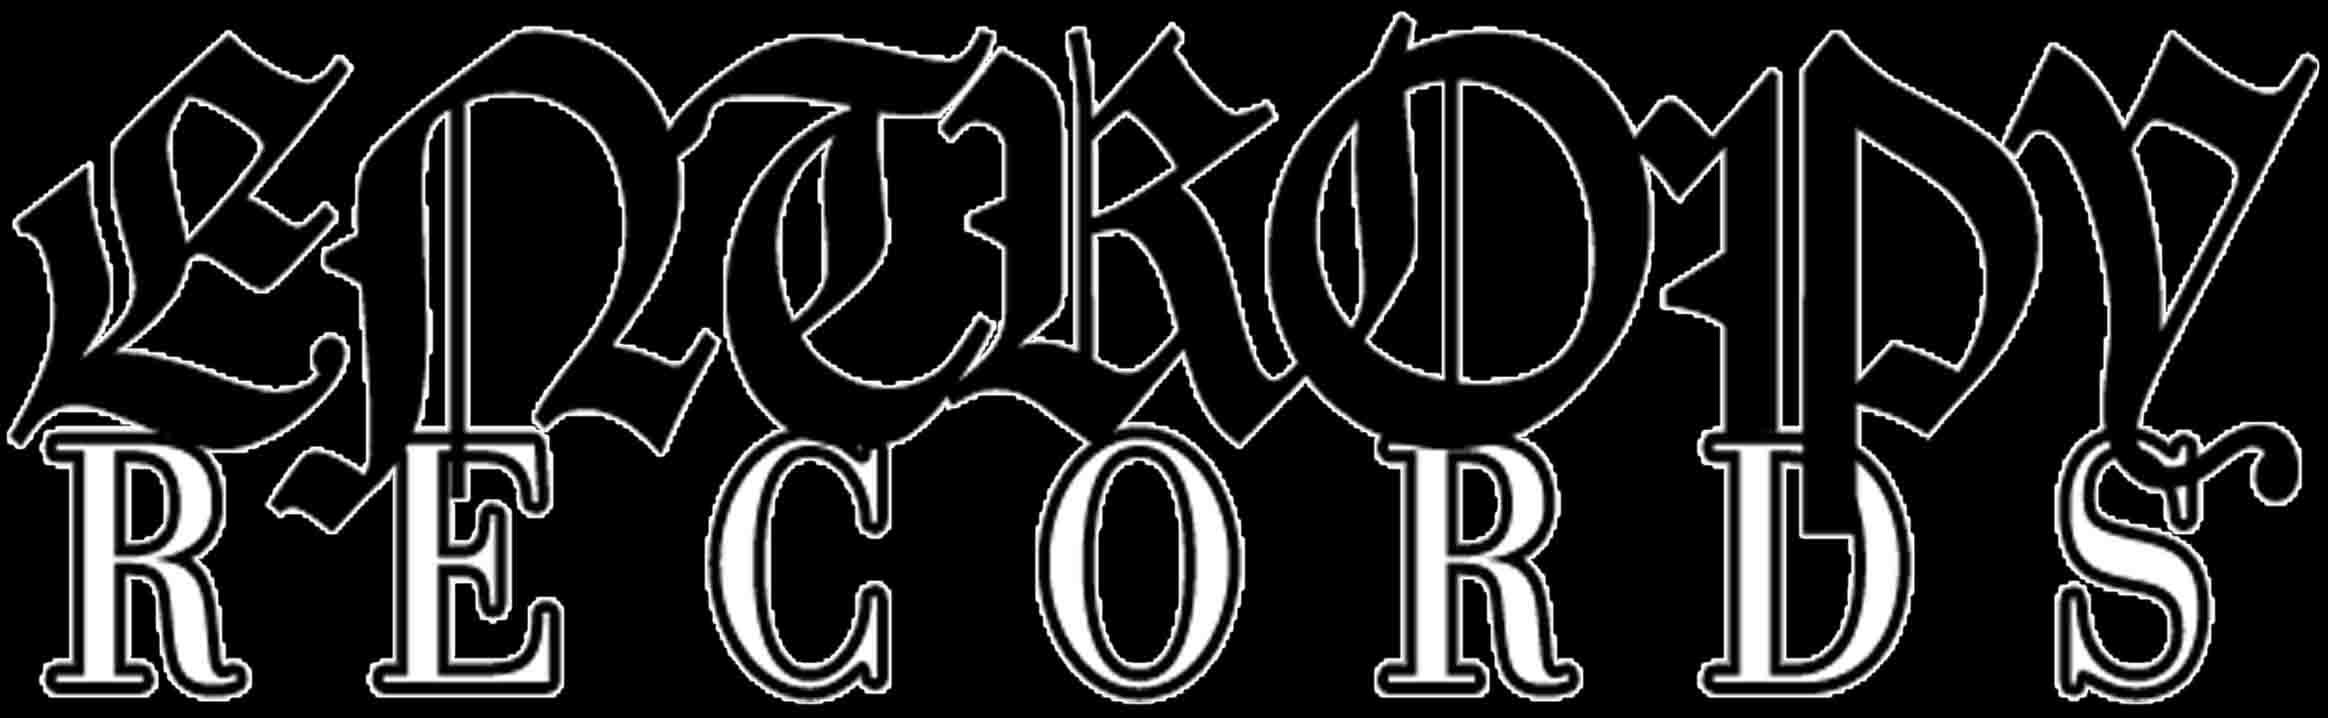 Entropy Records